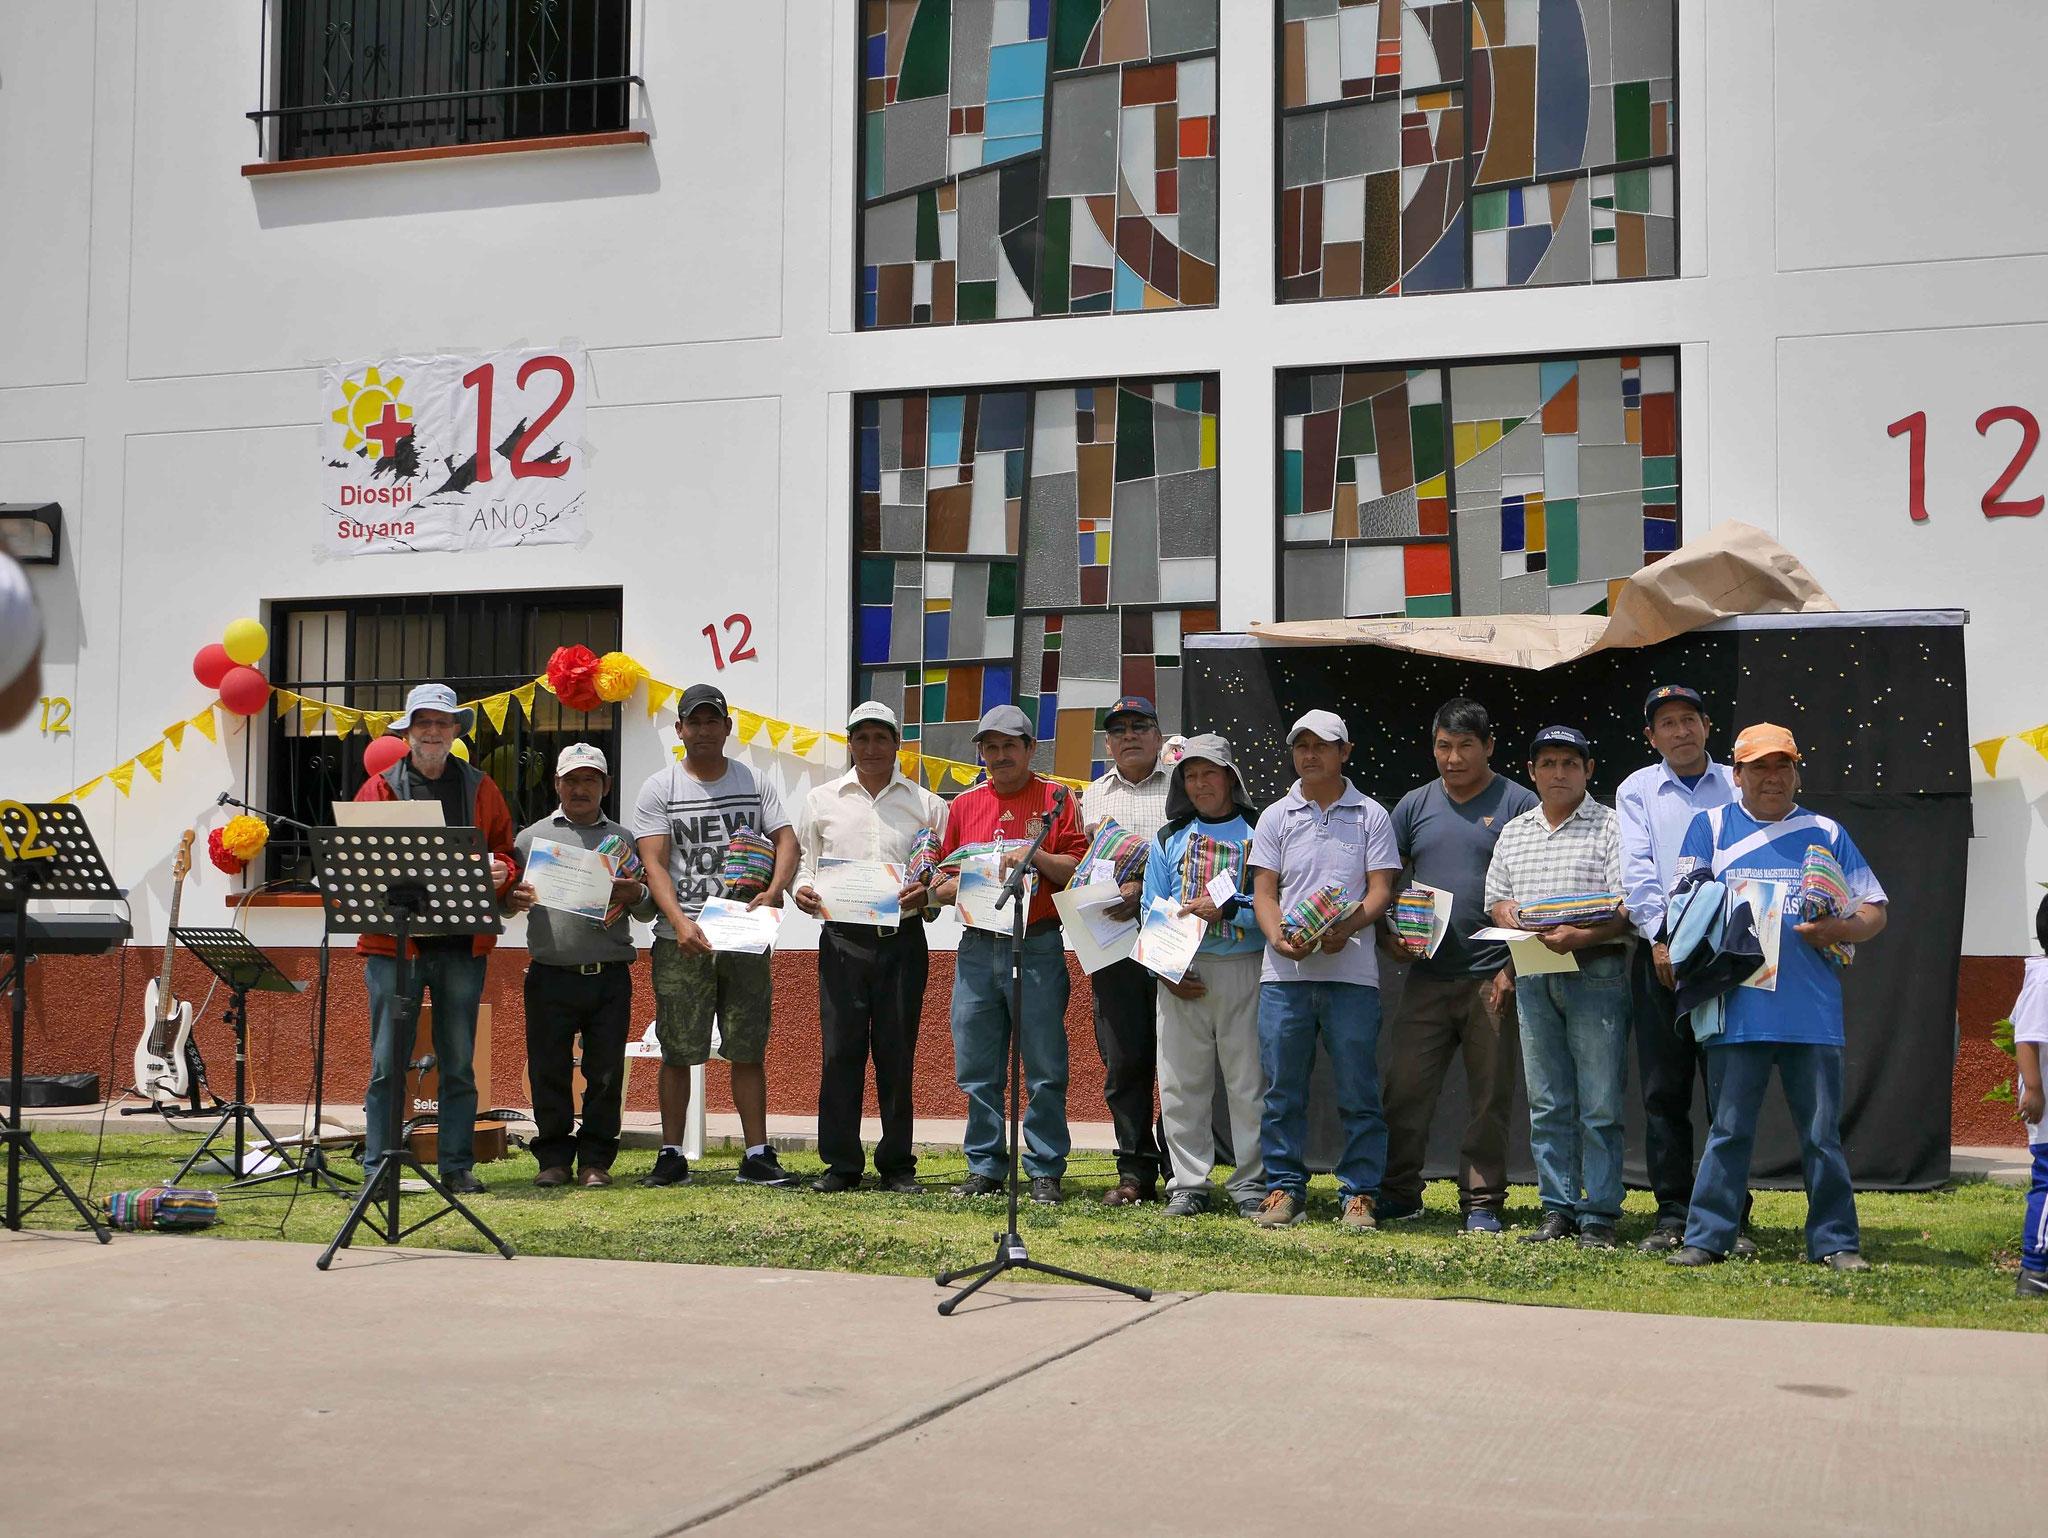 Beim diesjährigen Jubiläumsfest geht der Dank beonders an die Mitarbeiter des Bauteams von Udo Klemenz, ...